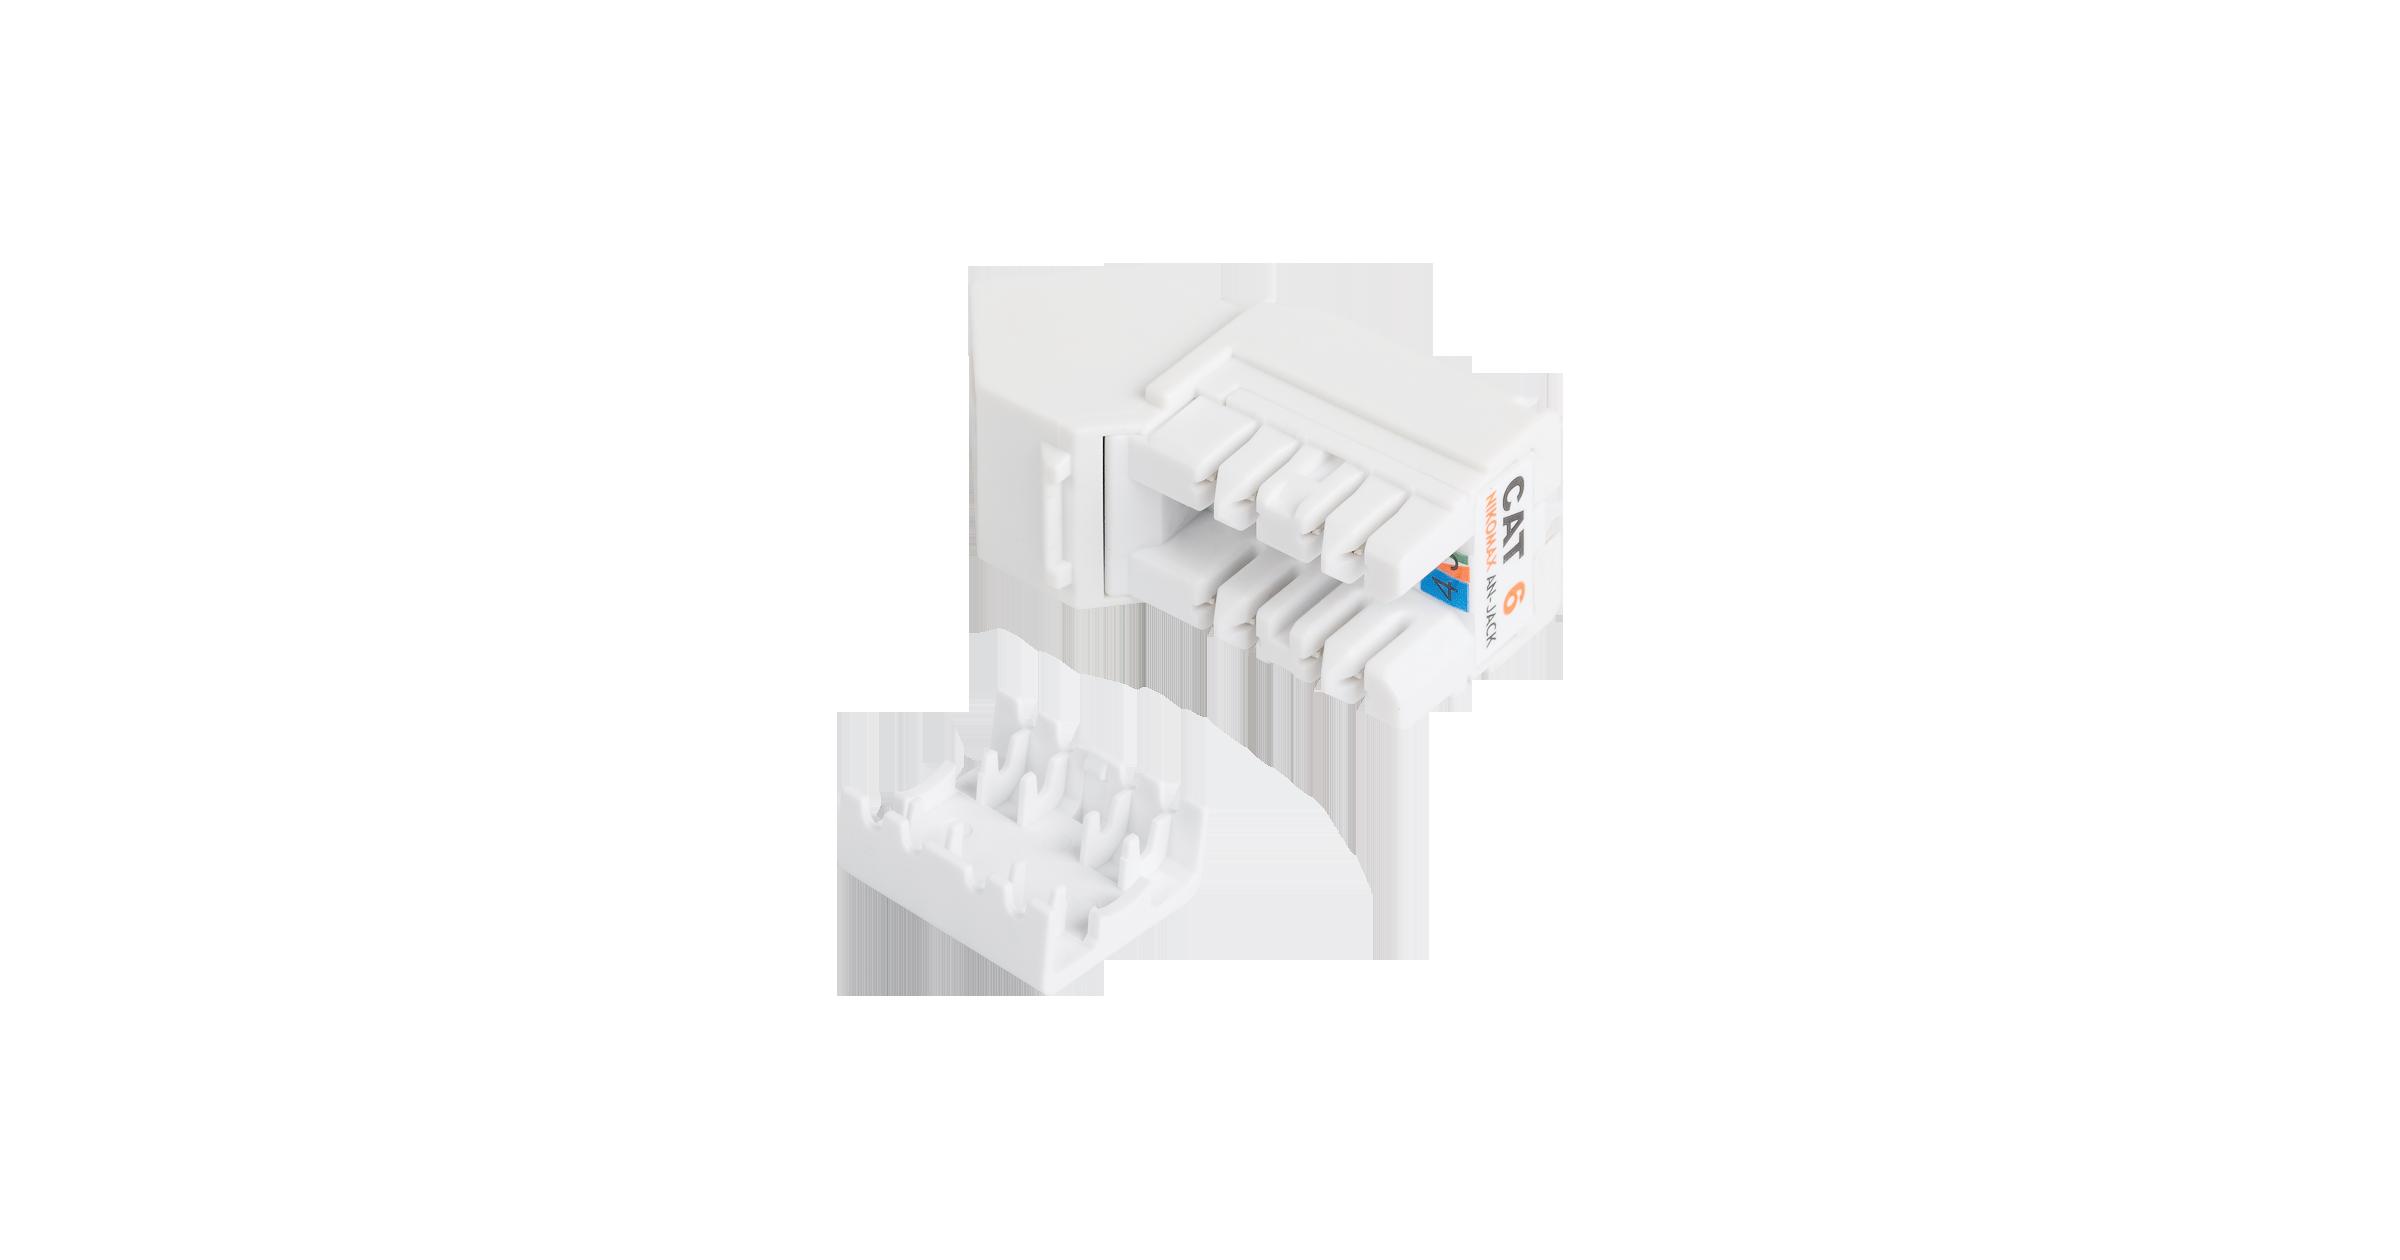 Модуль-вставка NIKOMAX типа Keystone, угловой, для панели серии AN, Кат.6 (Класс E), 250МГц, RJ45/8P8C, FT-TOOL/110/KRONE, T568A/B, неэкранированный, белый - гарантия: 5 лет расширенная / 25 лет системная